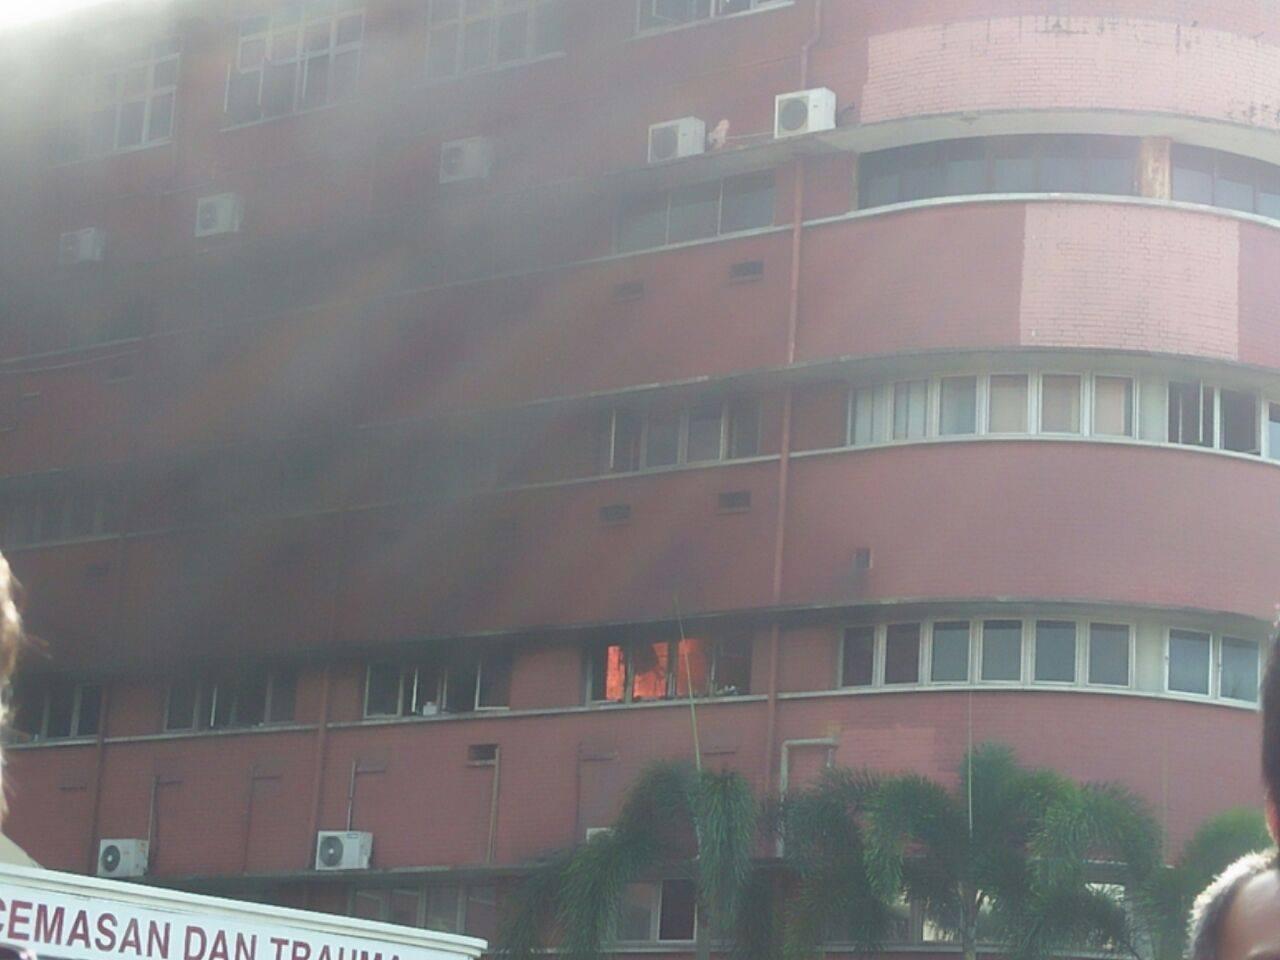 Hospital Sultanah Aminah Terbakar Johor Bahru